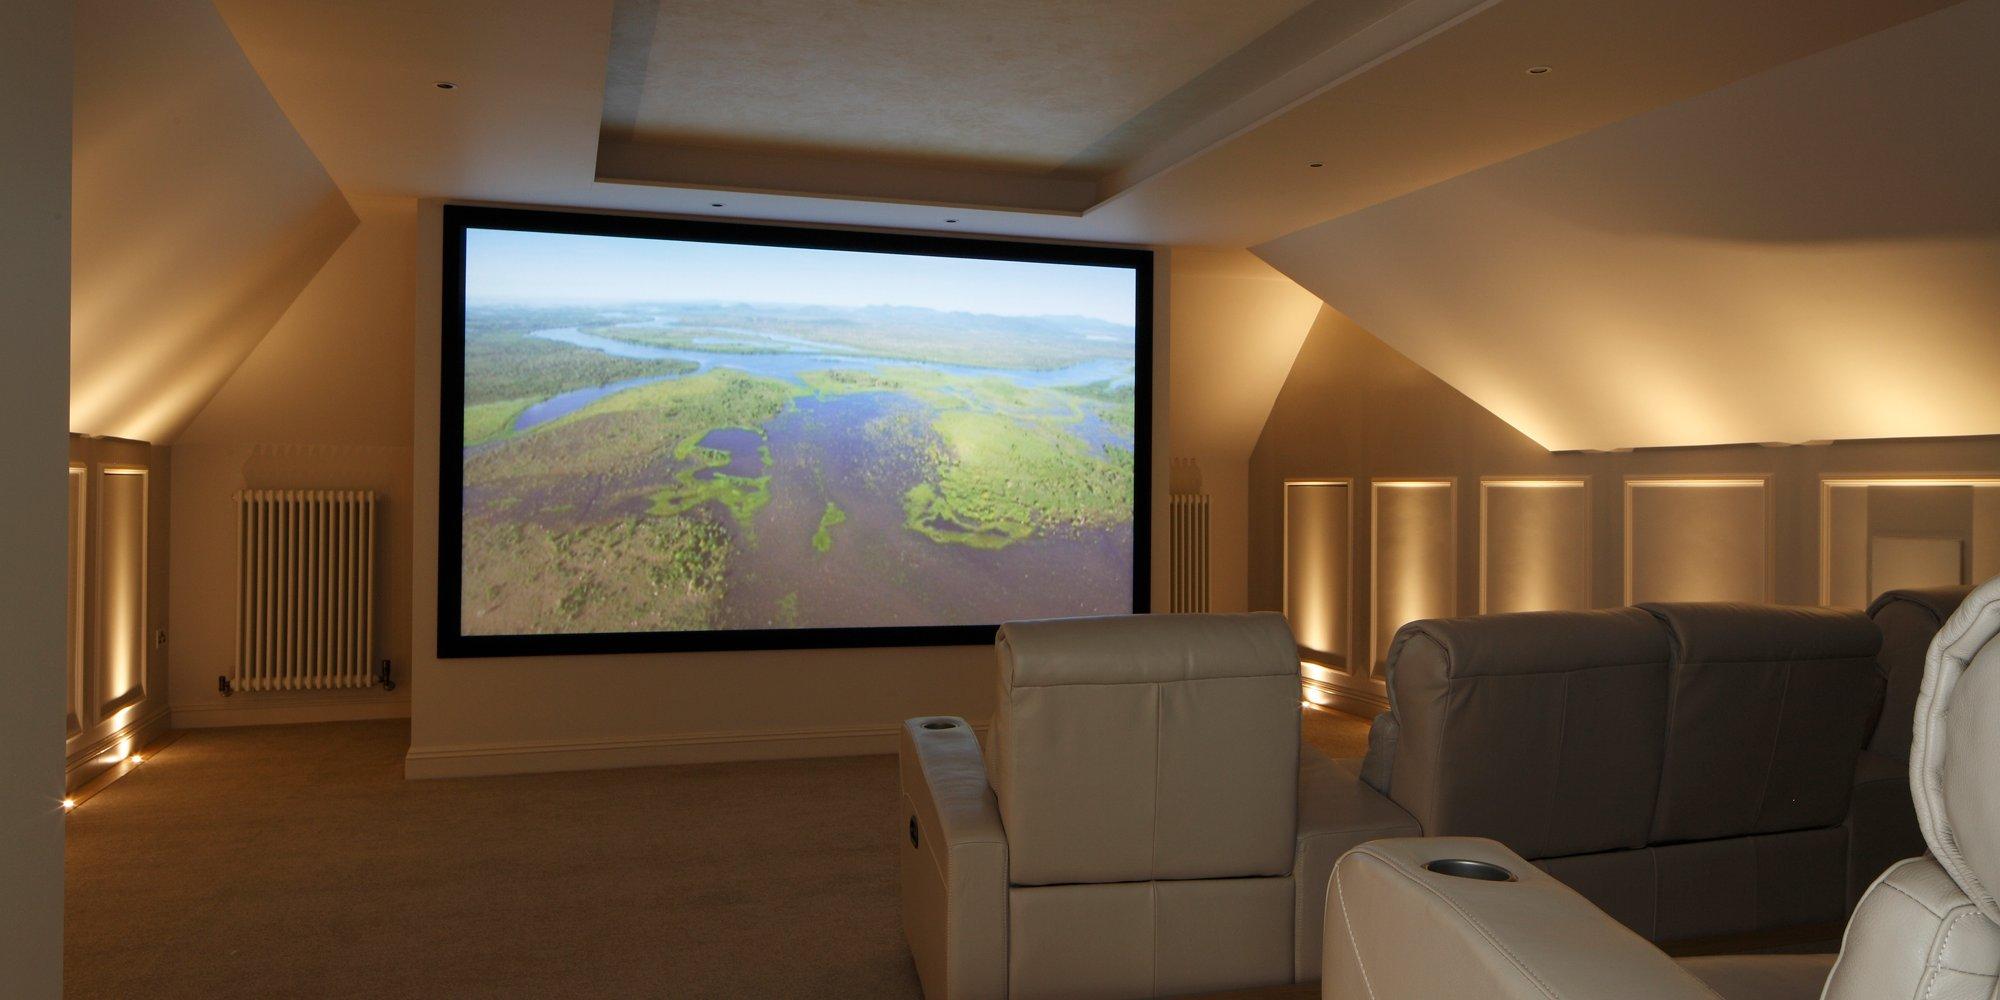 Loft Conversion Home Cinema Surrey